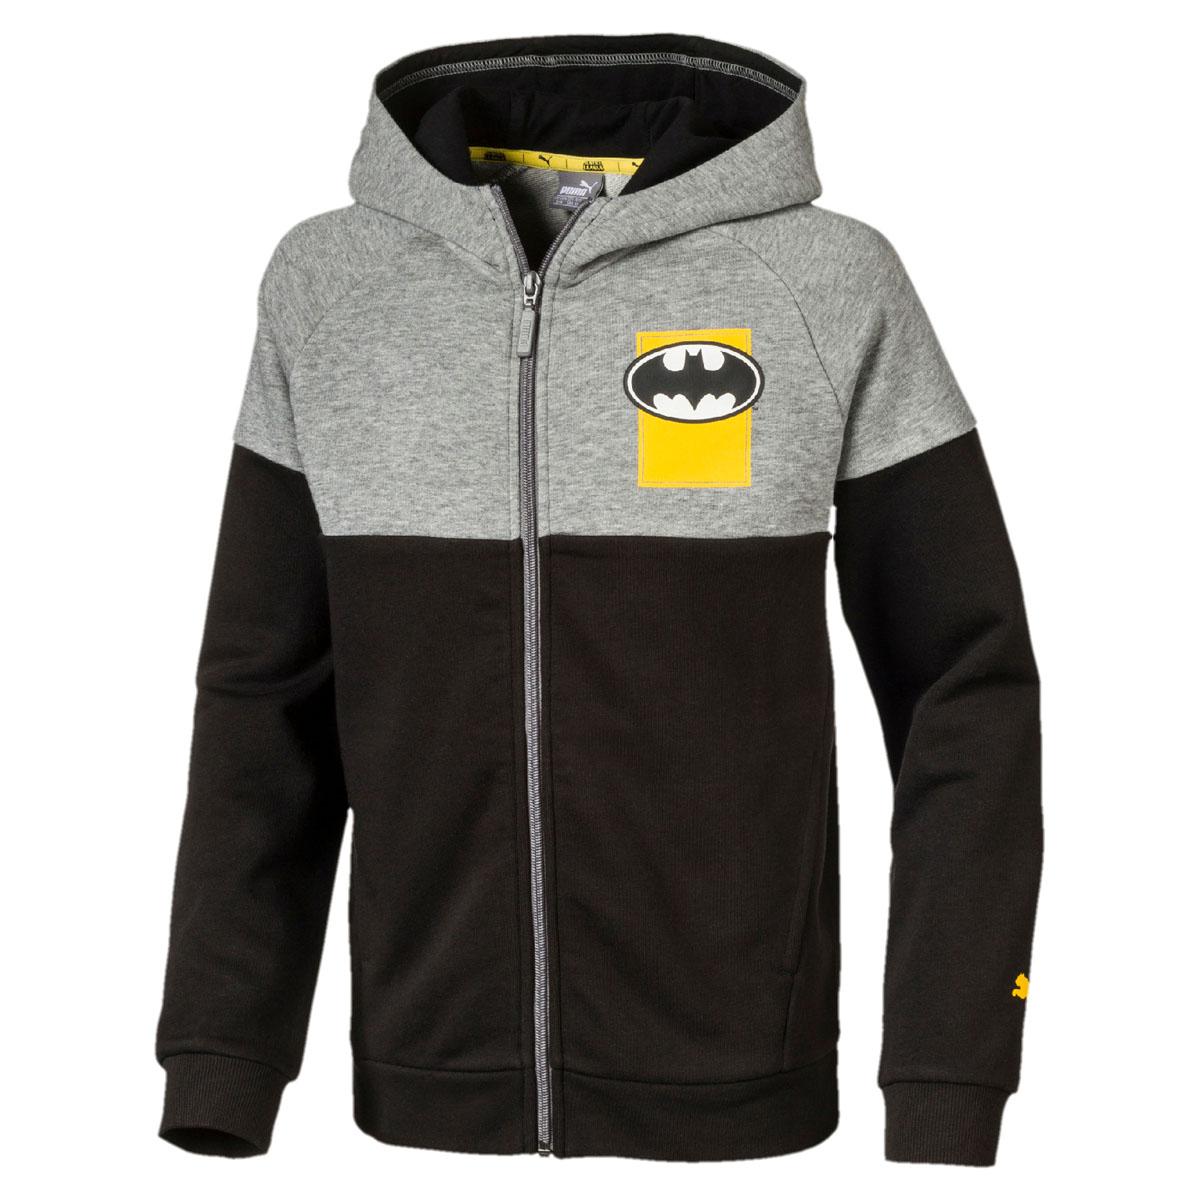 Толстовка для мальчика Puma Justice League Jacket, цвет: черный, серый. 850269017. Размер 128